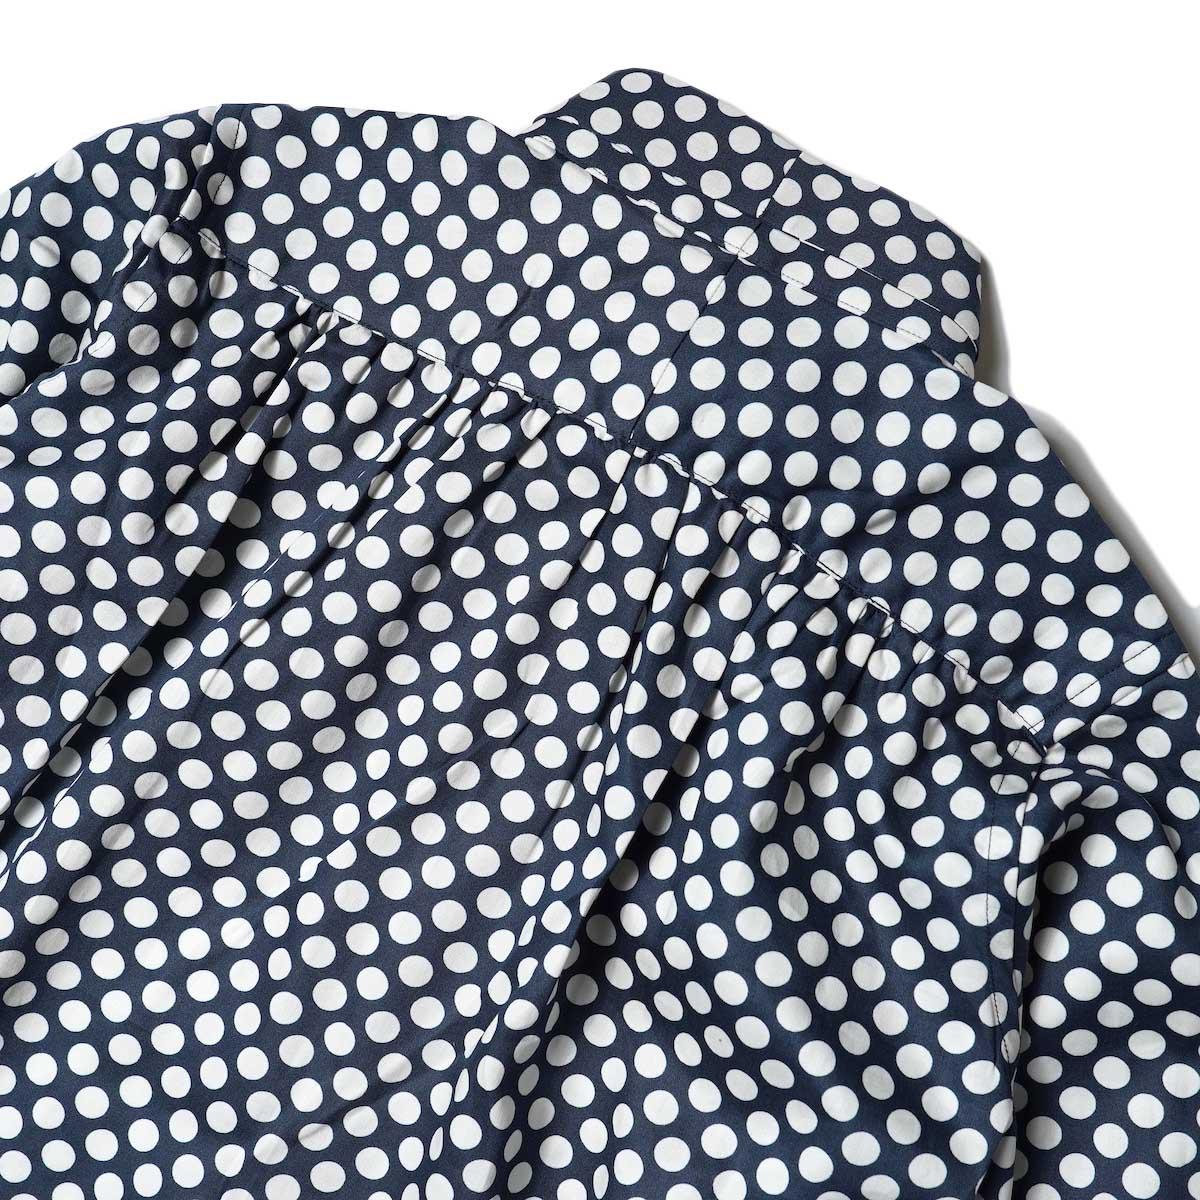 Needles / Ascot Collar EDW Shirt - Cotton Sateen / Pt (Polka Dot A) 背面ギャザー